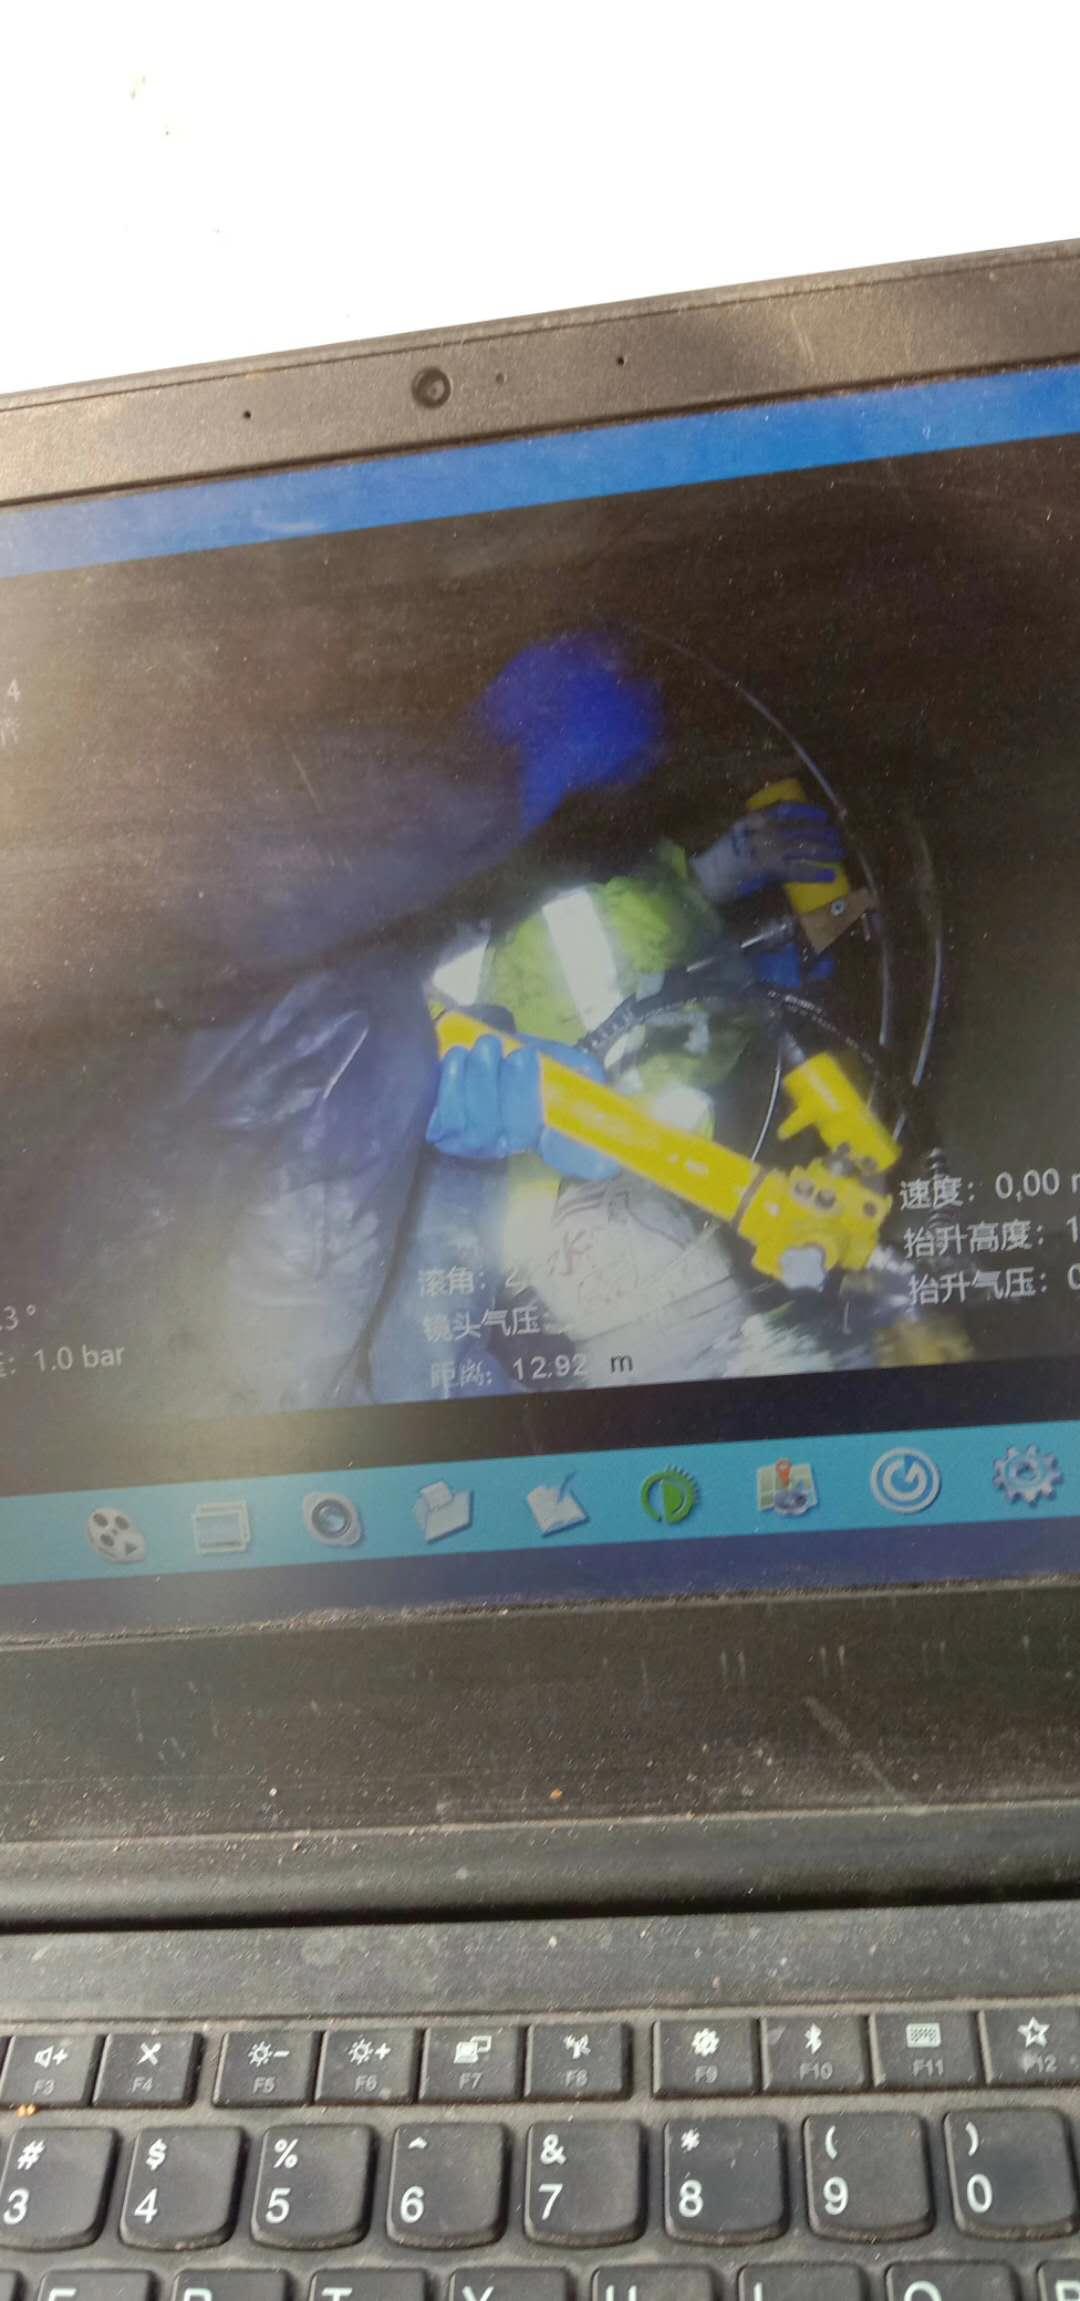 卢湾管网CCTV检测